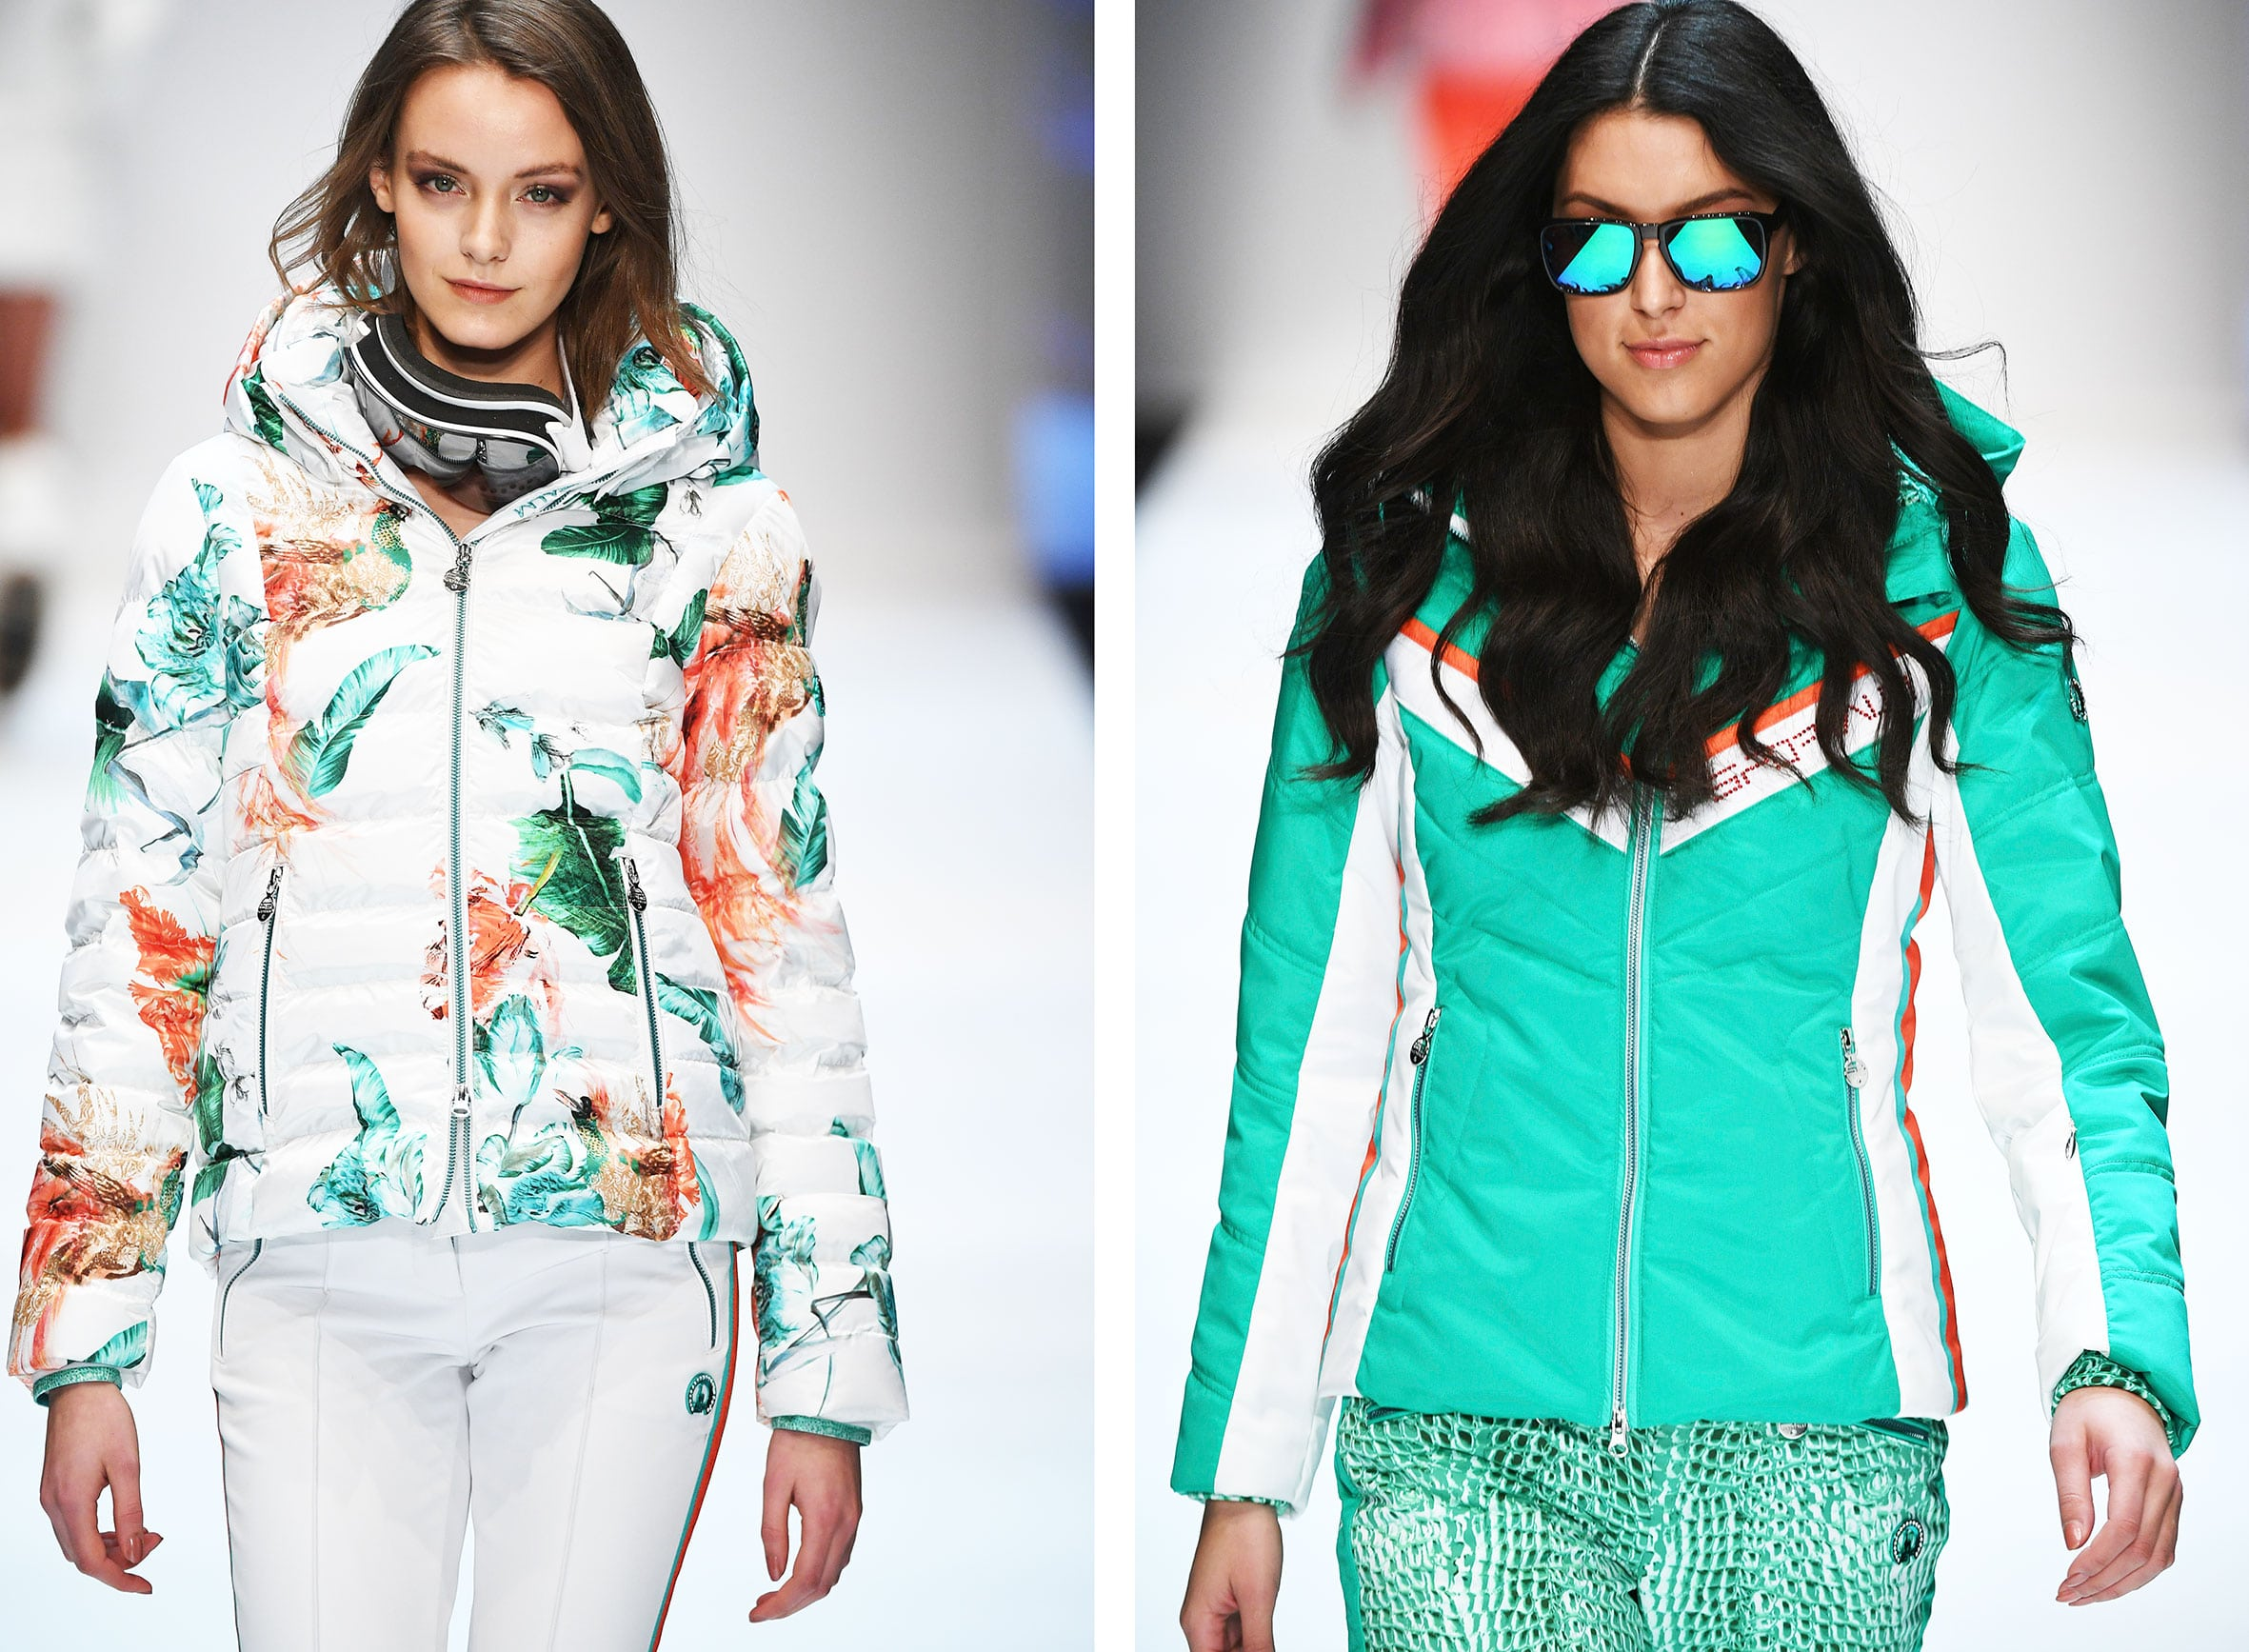 Zu sehen sind zwei Catwalkfotos mit Modellen die Skijacken tragen .